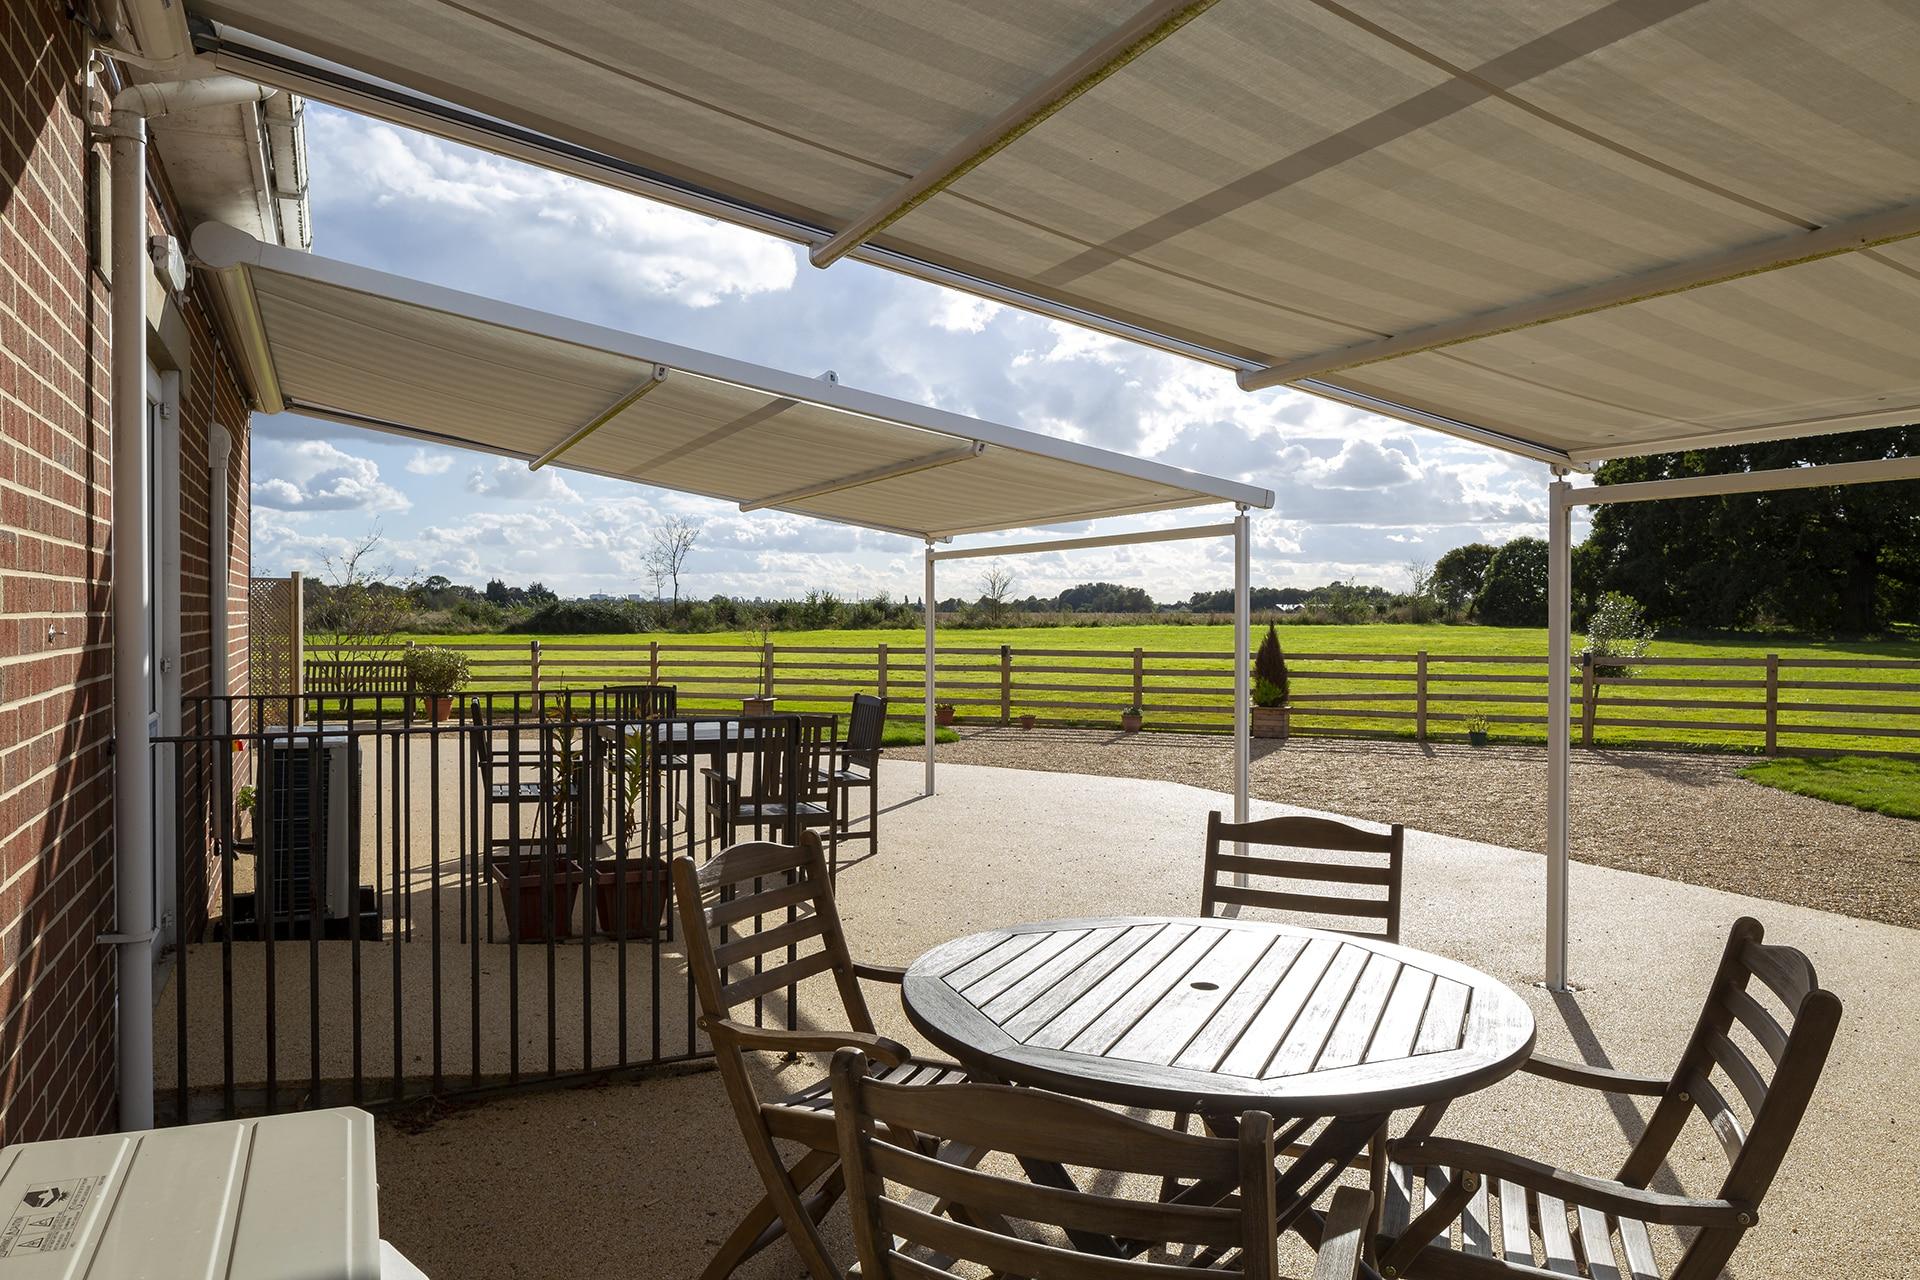 Stambridge Meadows Care Home garden terrace